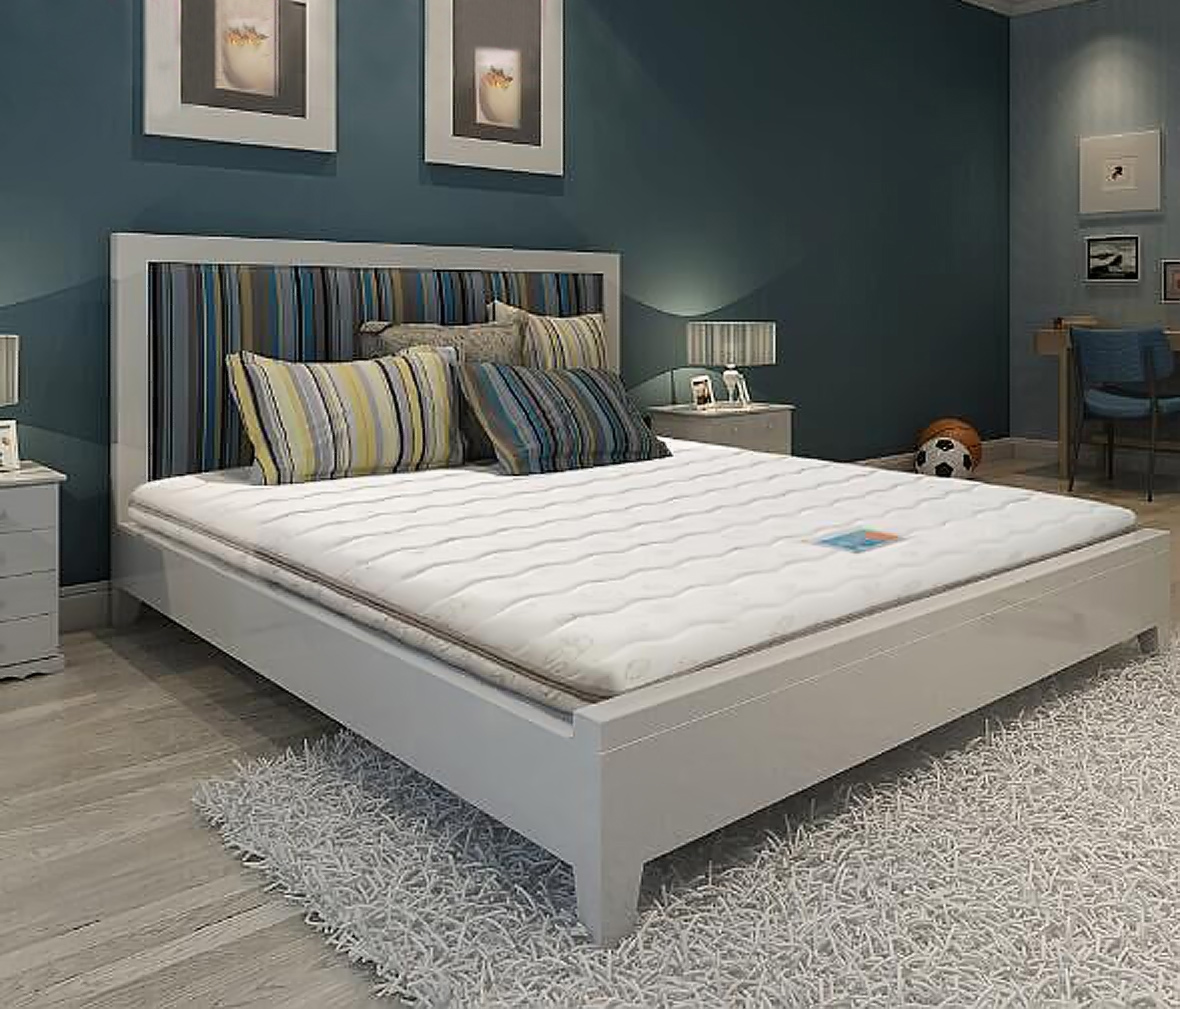 穗宝床垫 梦想号型号 1200*1900mm 弹簧床垫 单人床垫